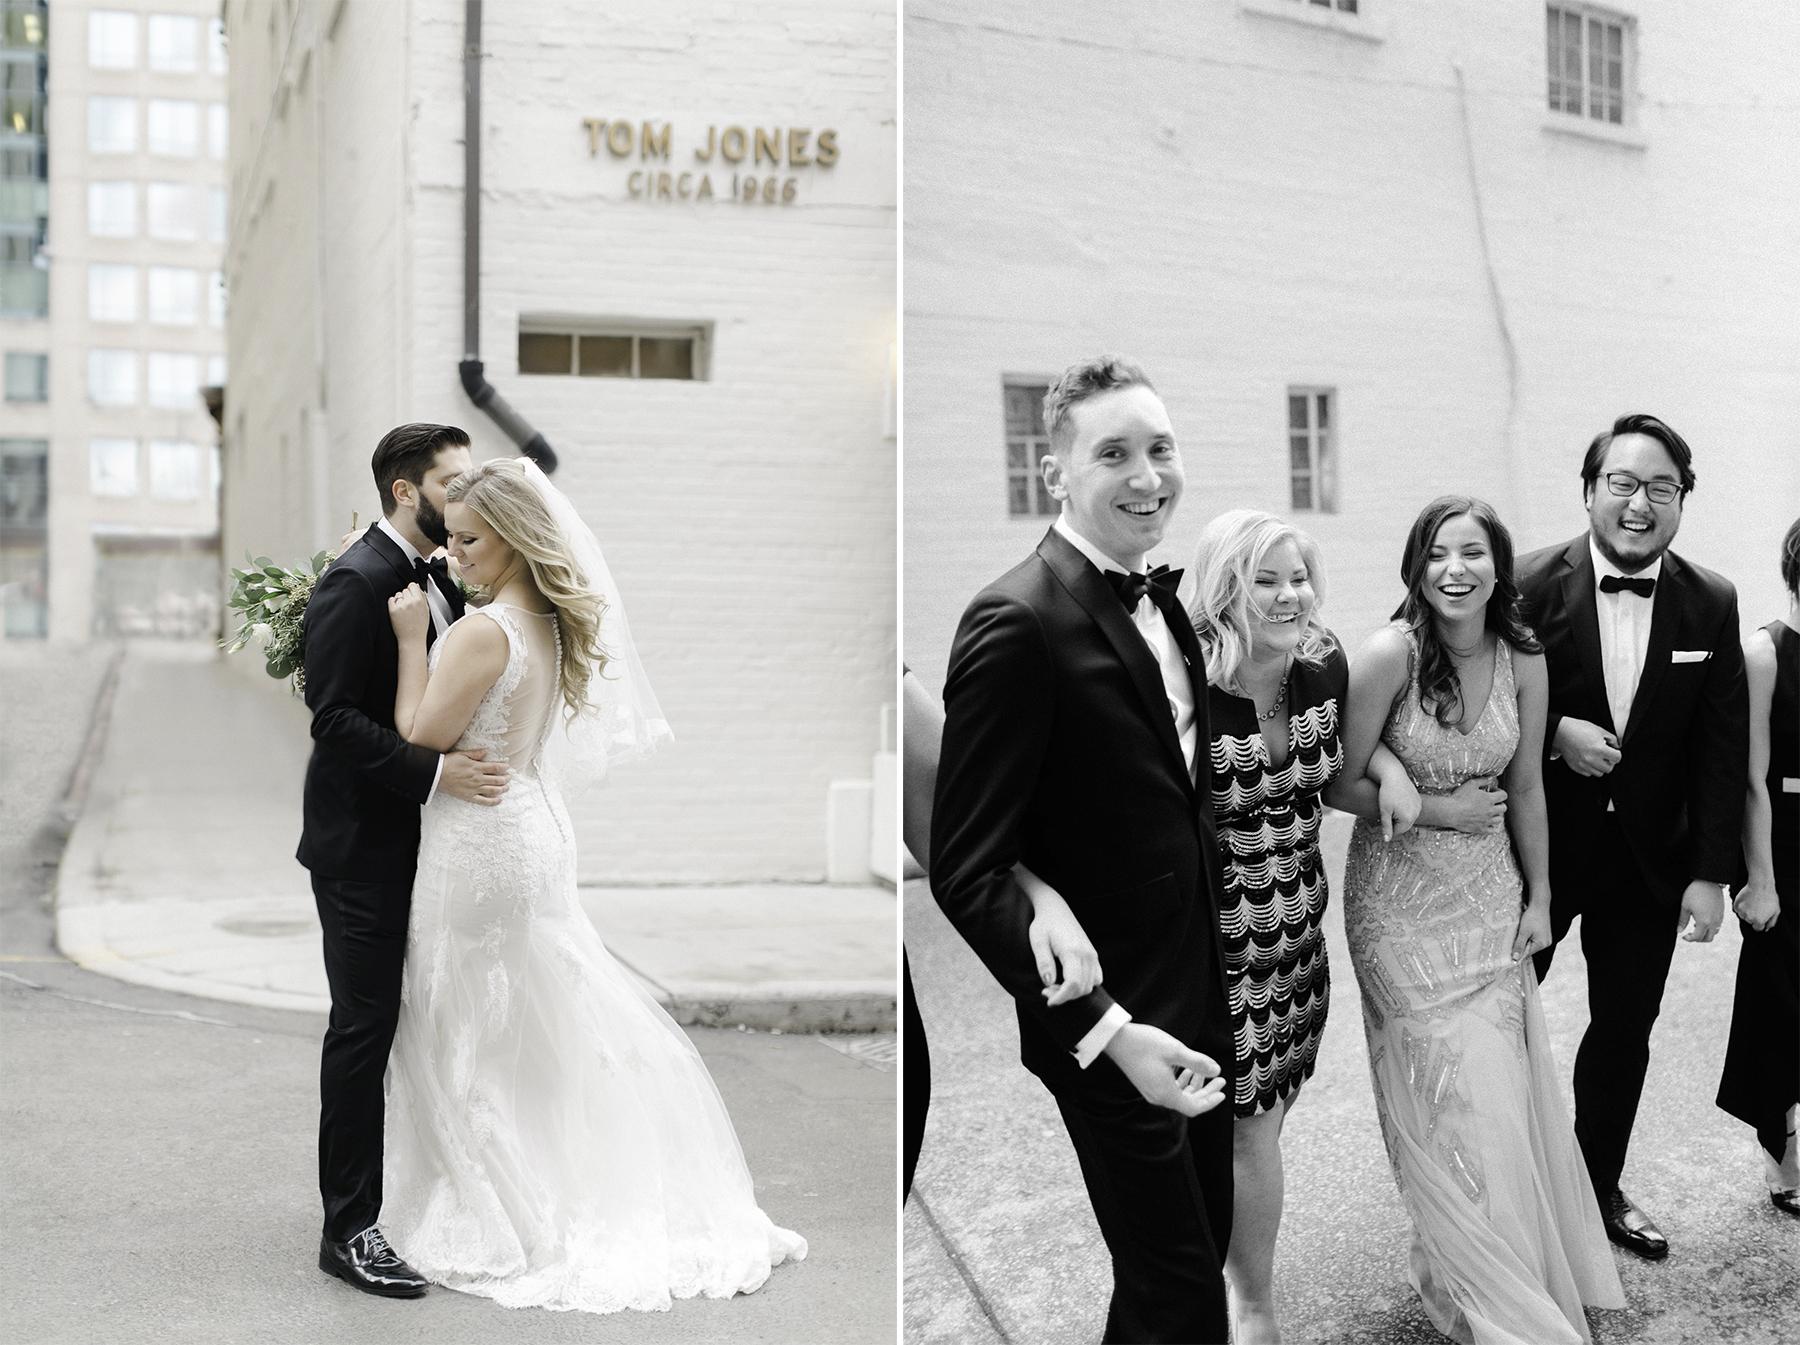 toronto-wedding-photographer-richelle-hunter-lauren-seb-15.jpg